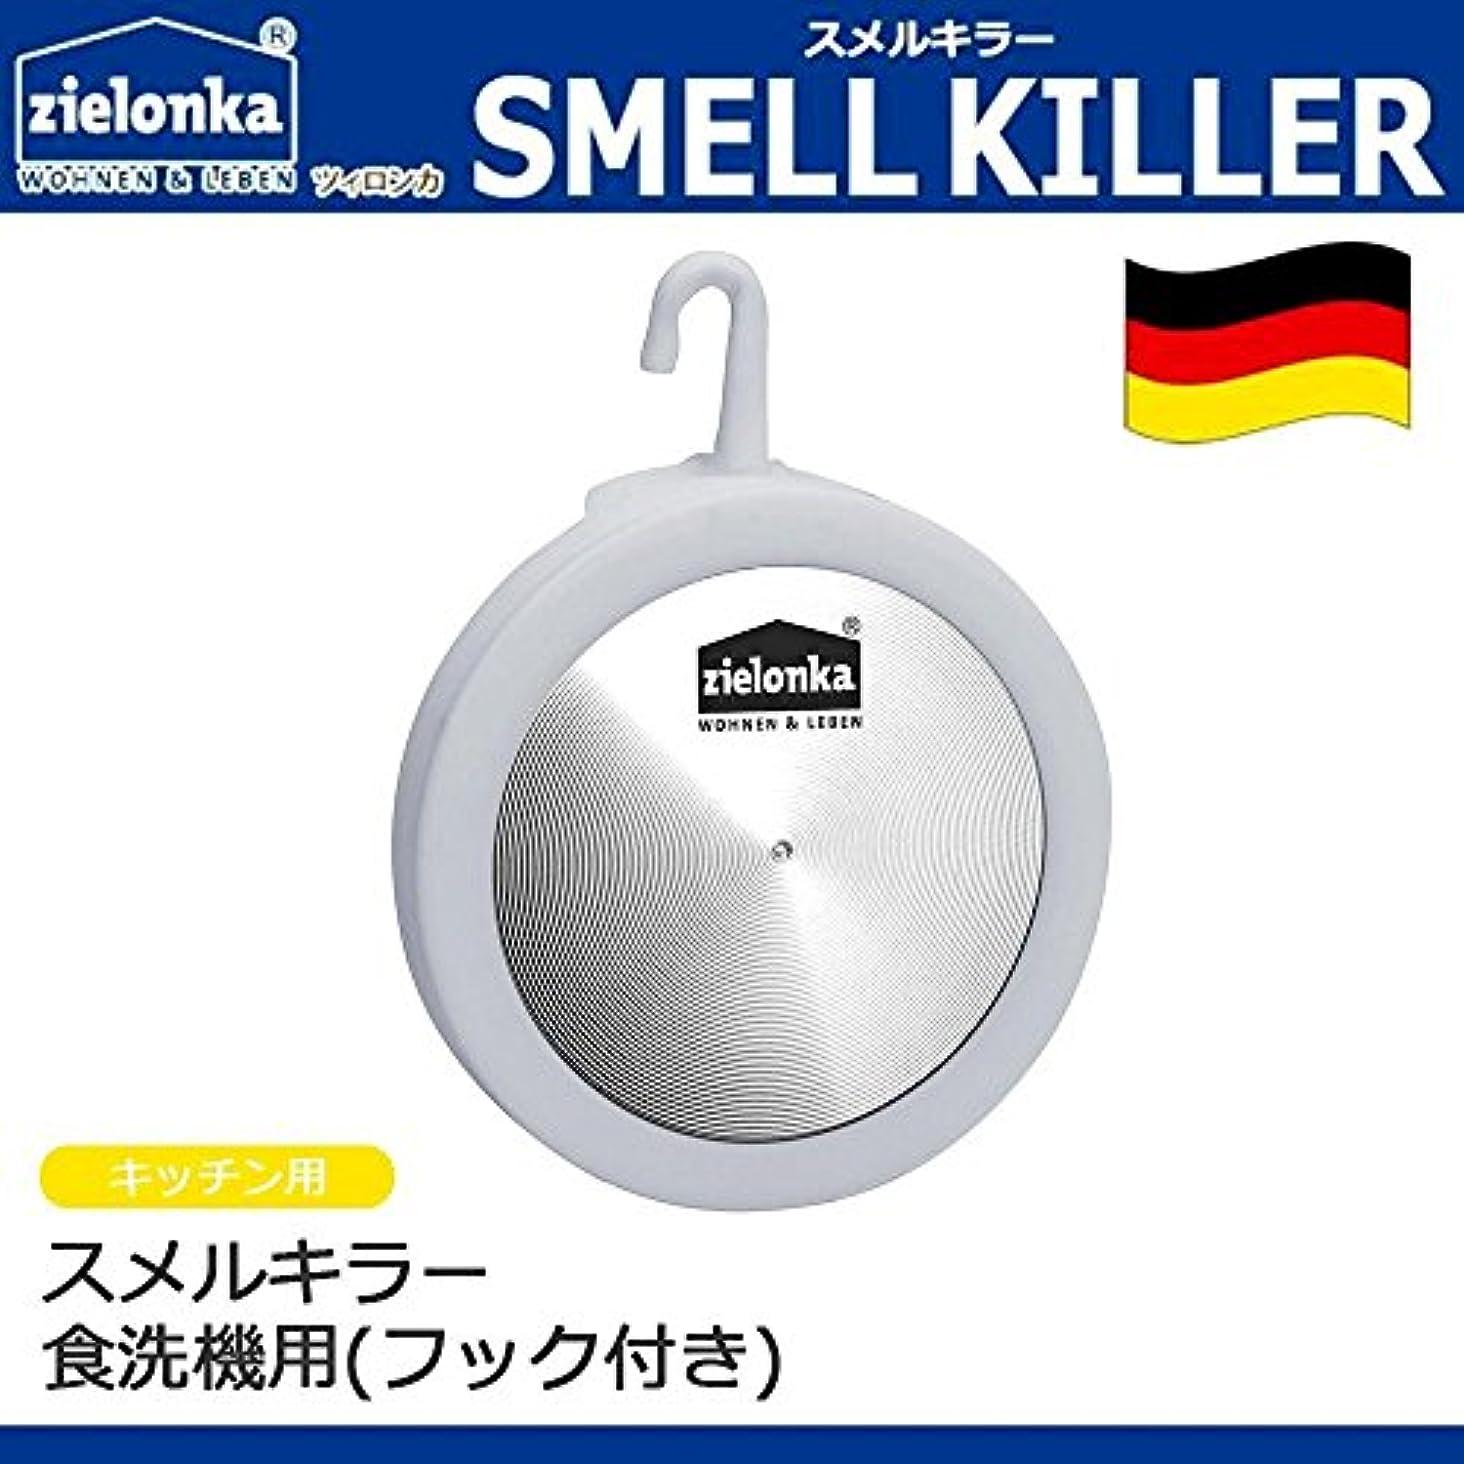 インカ帝国ペースリハーサルSMELL KILLER(スメルキラー) 食洗機用 フック付き 62154